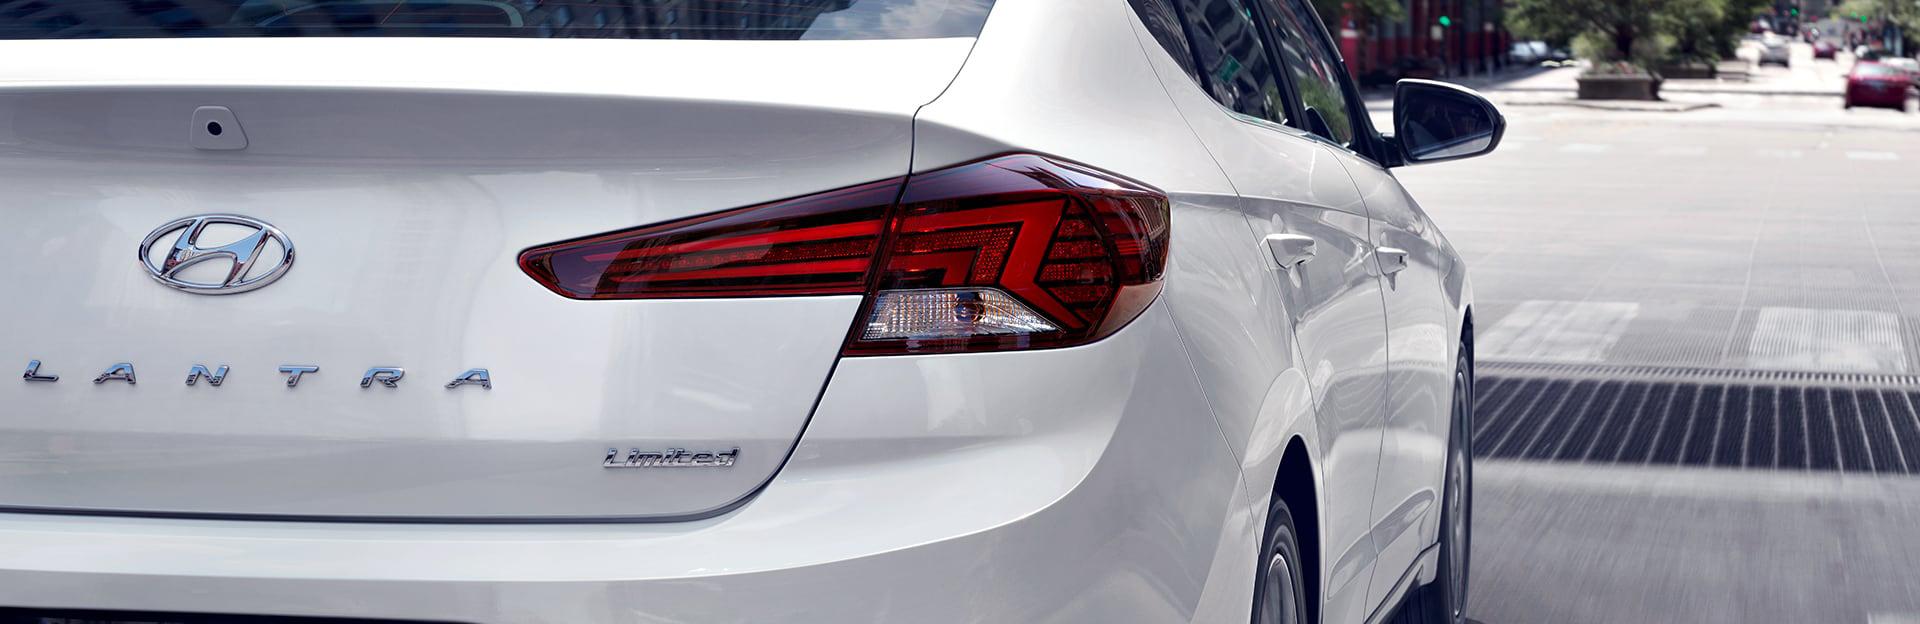 Hyundai student rebate